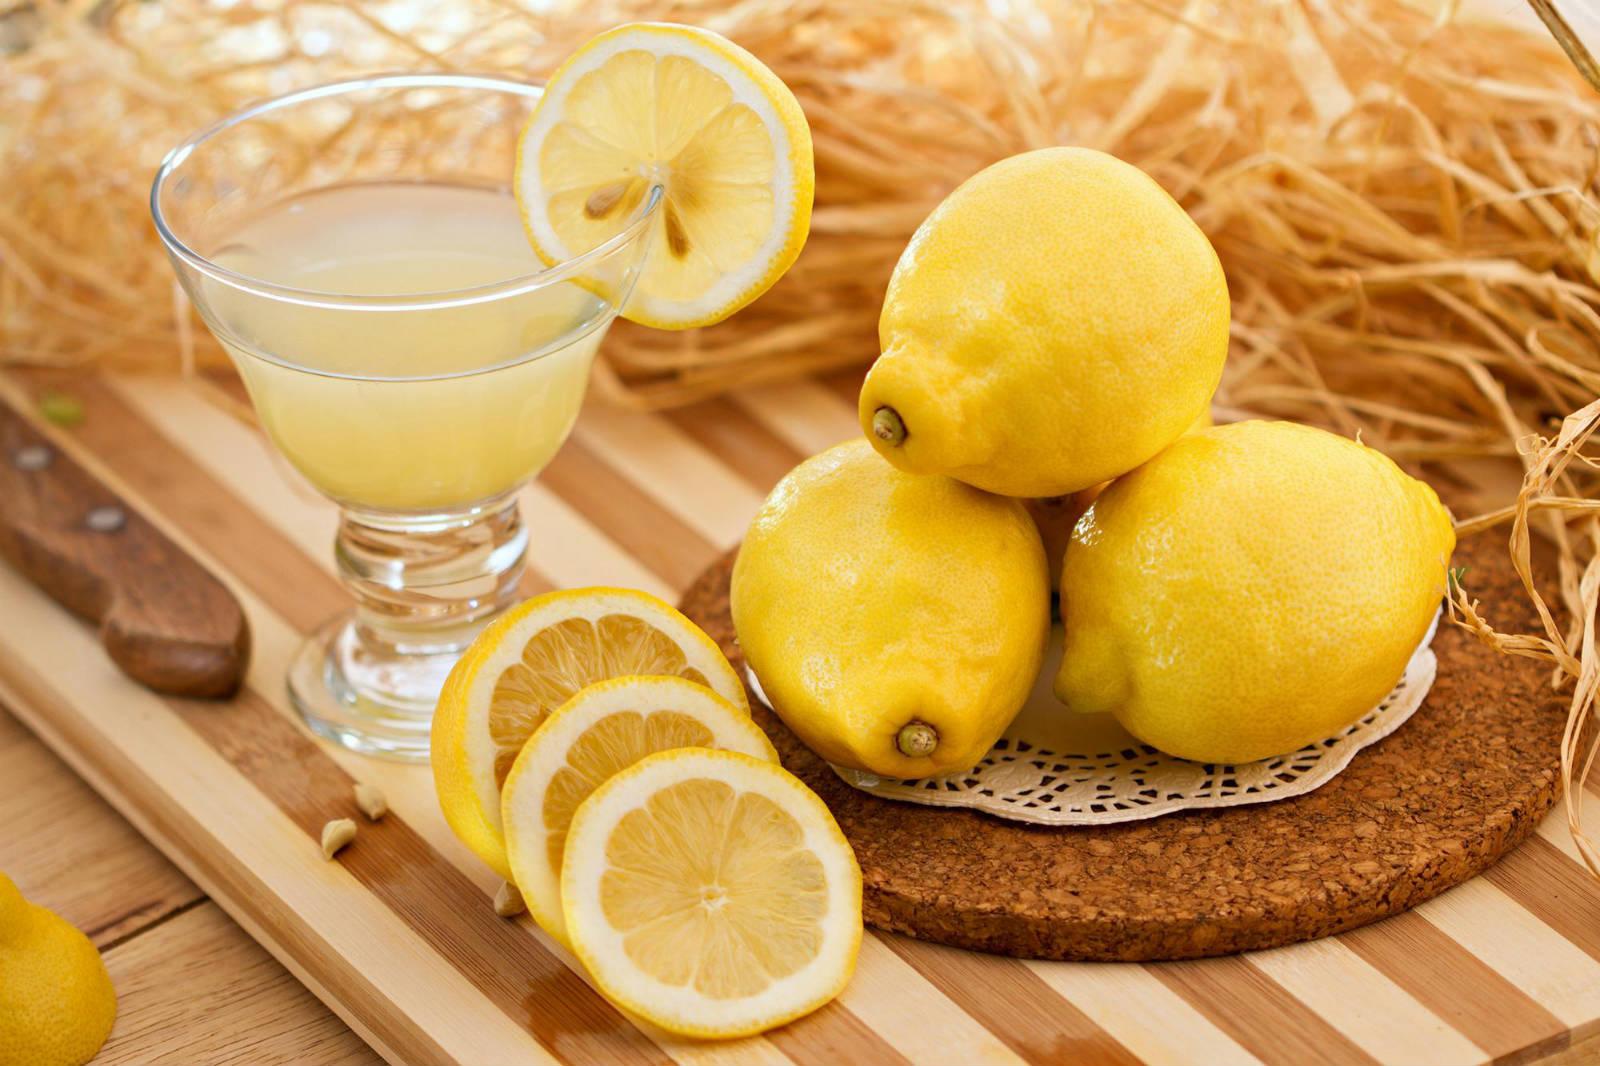 Lemon-juice-for-body-odor